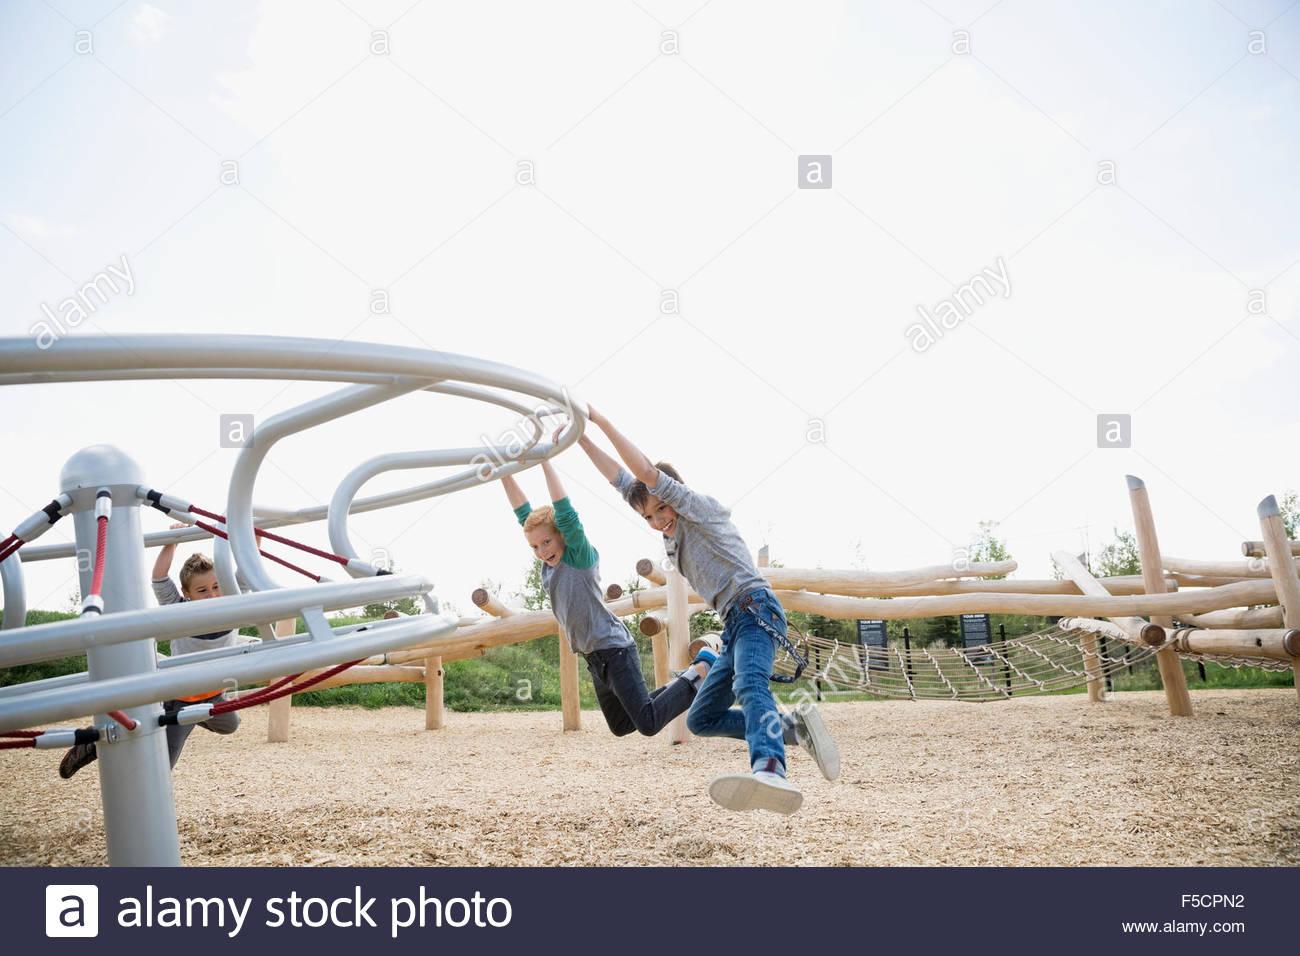 Kinder von Spinnen Bar am sonnigen Spielplatz hängen Stockbild